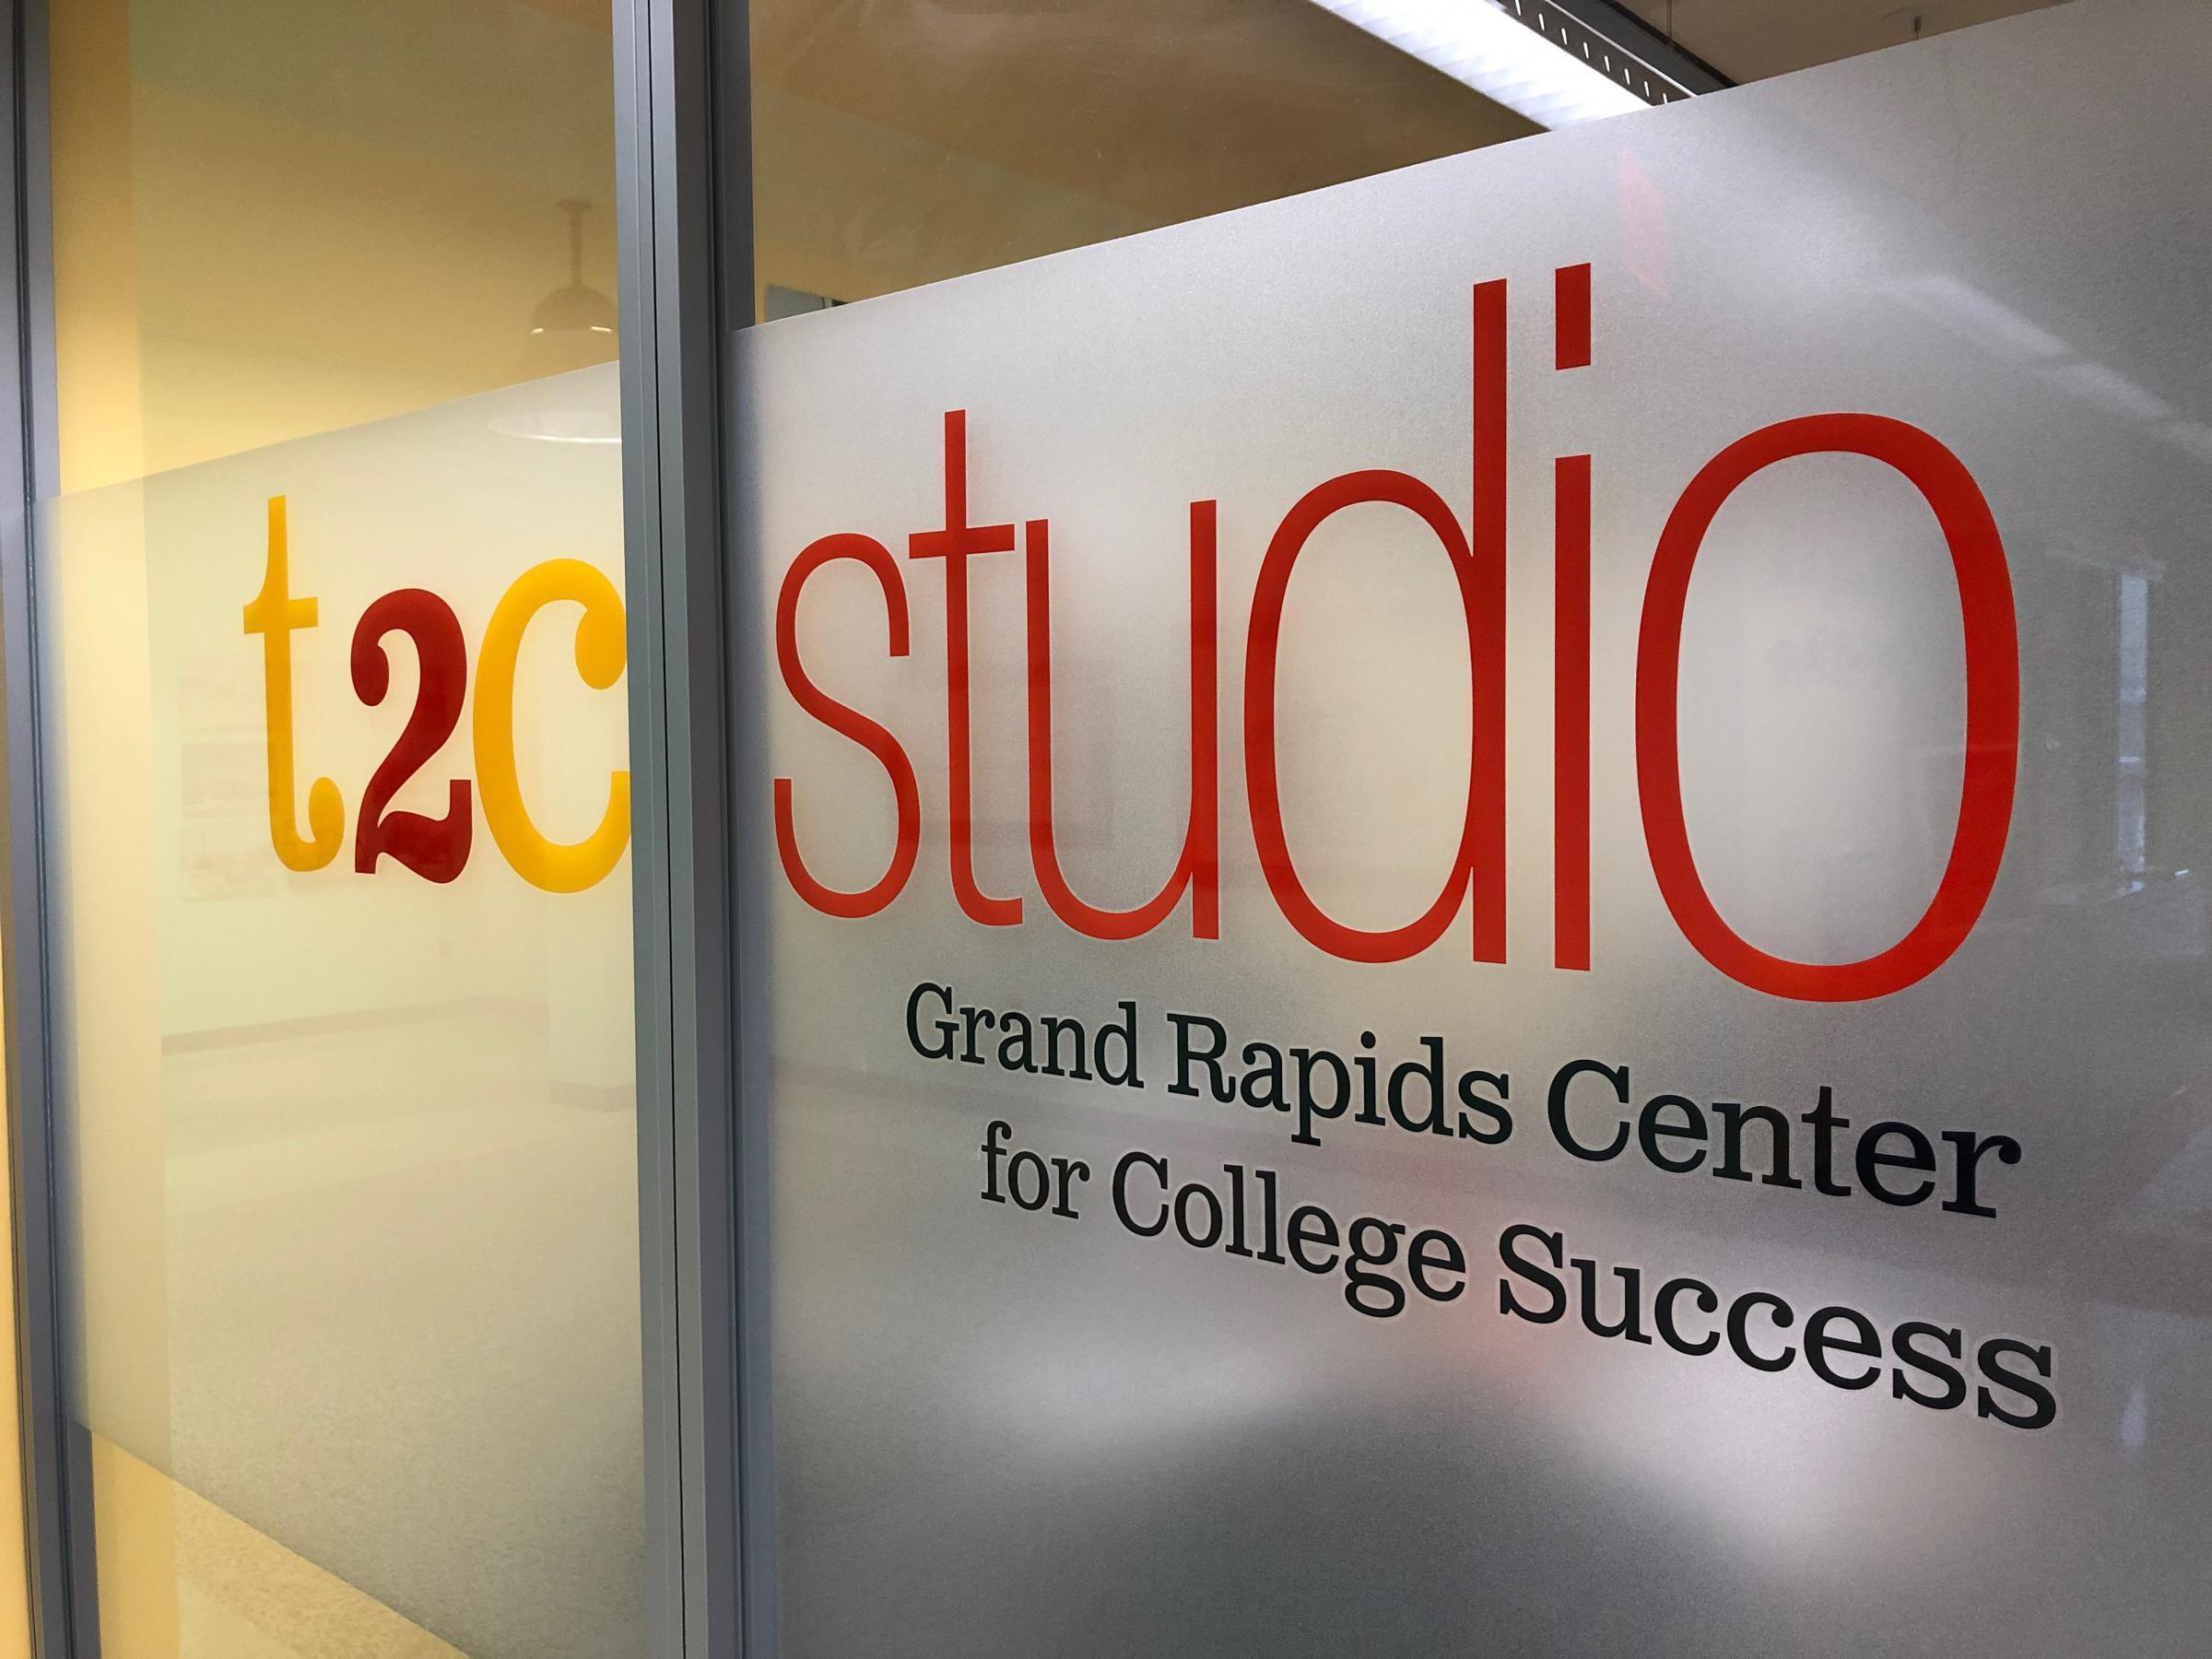 Grps College Success Program Awarded Grant   Wgvu For Grand Rapids City High School Calendar